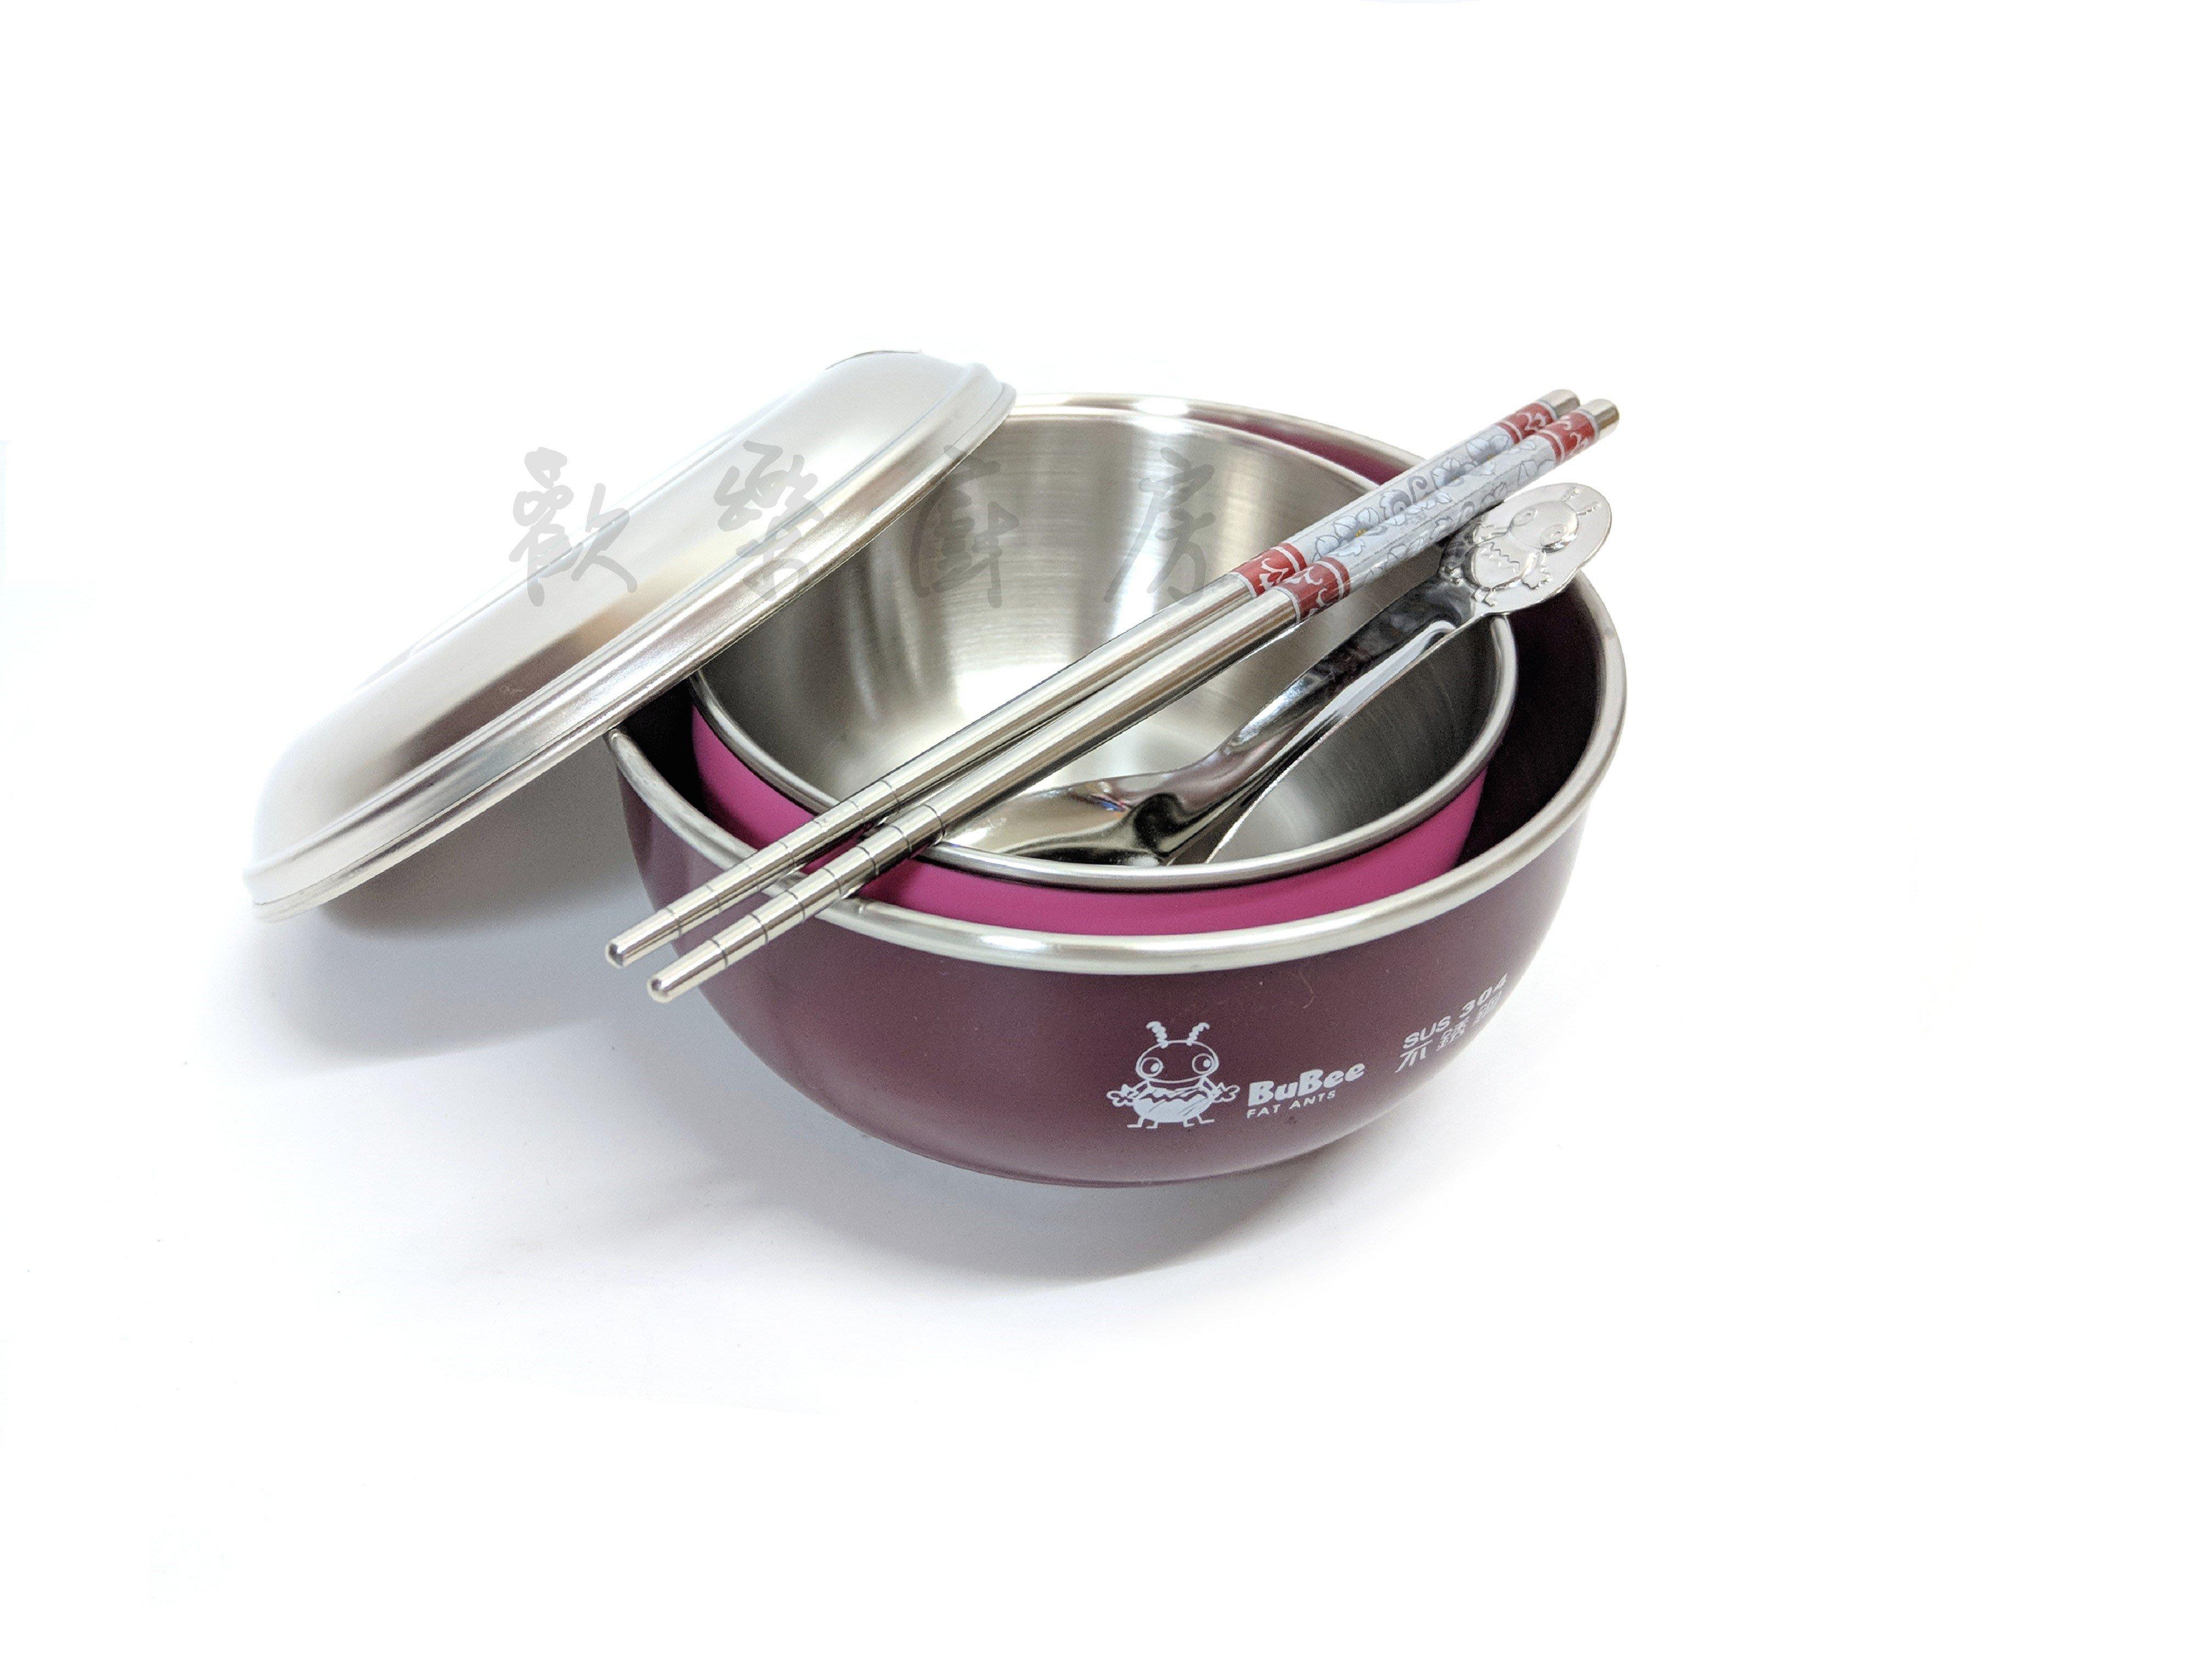 【歡樂廚房】寶石牌 香醇 Y-206SS 304不銹鋼隔熱碗 中小學餐具組